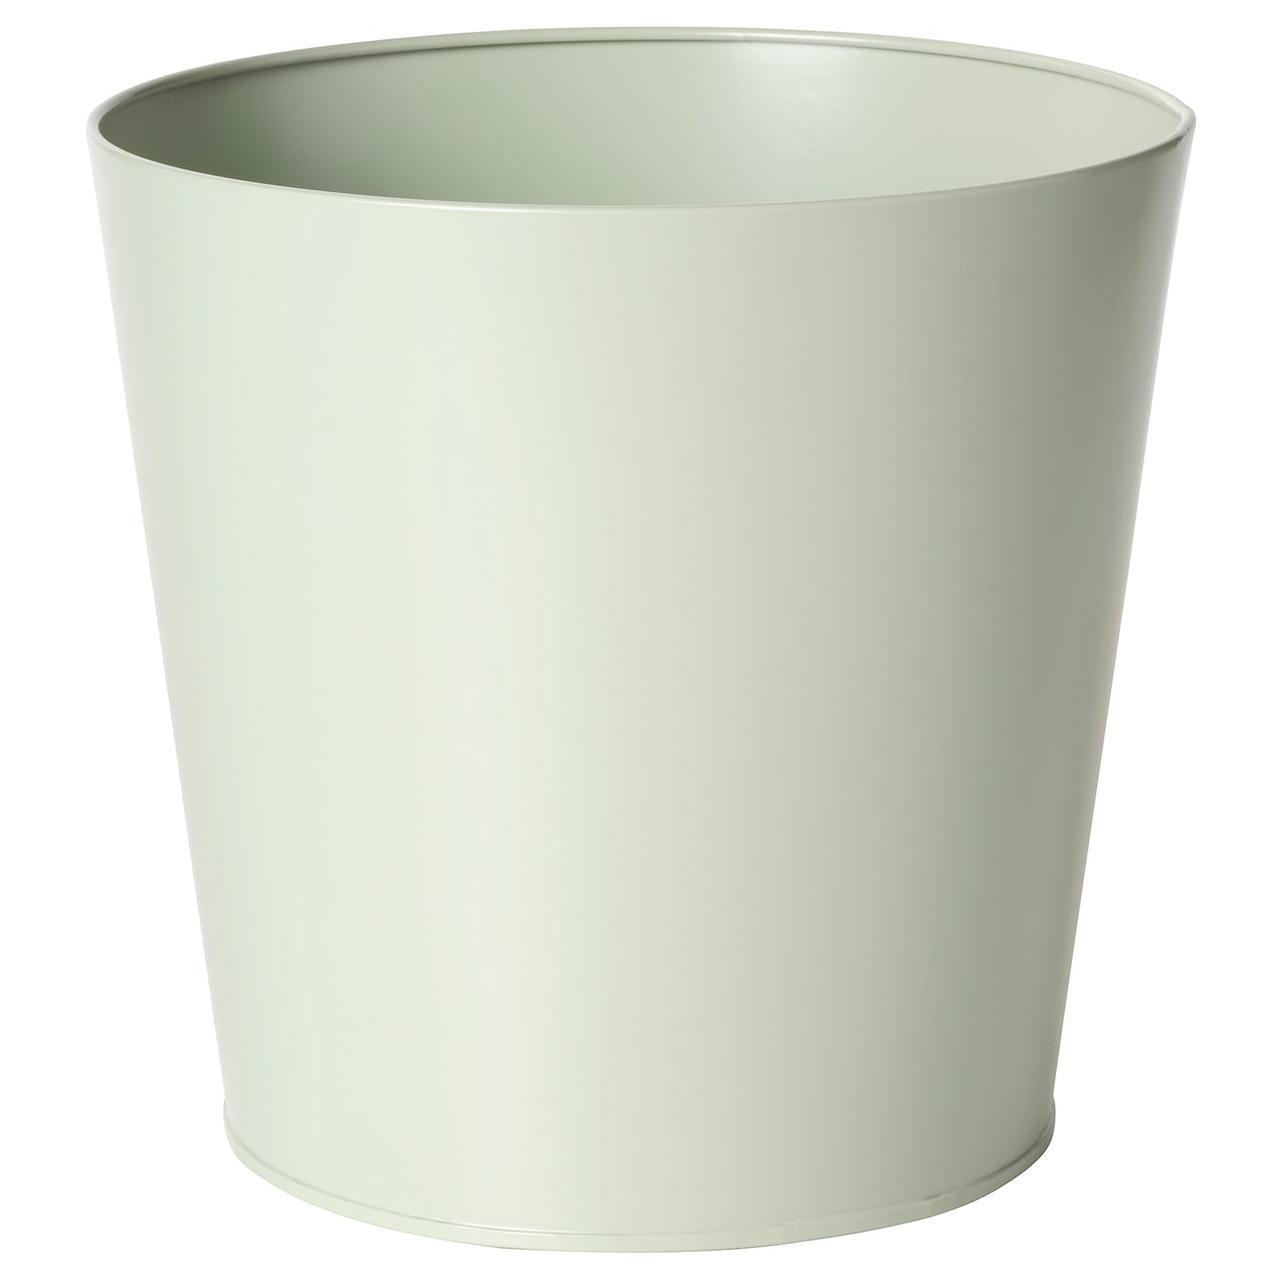 IKEA VITLÖK Квітковий горщик, 24